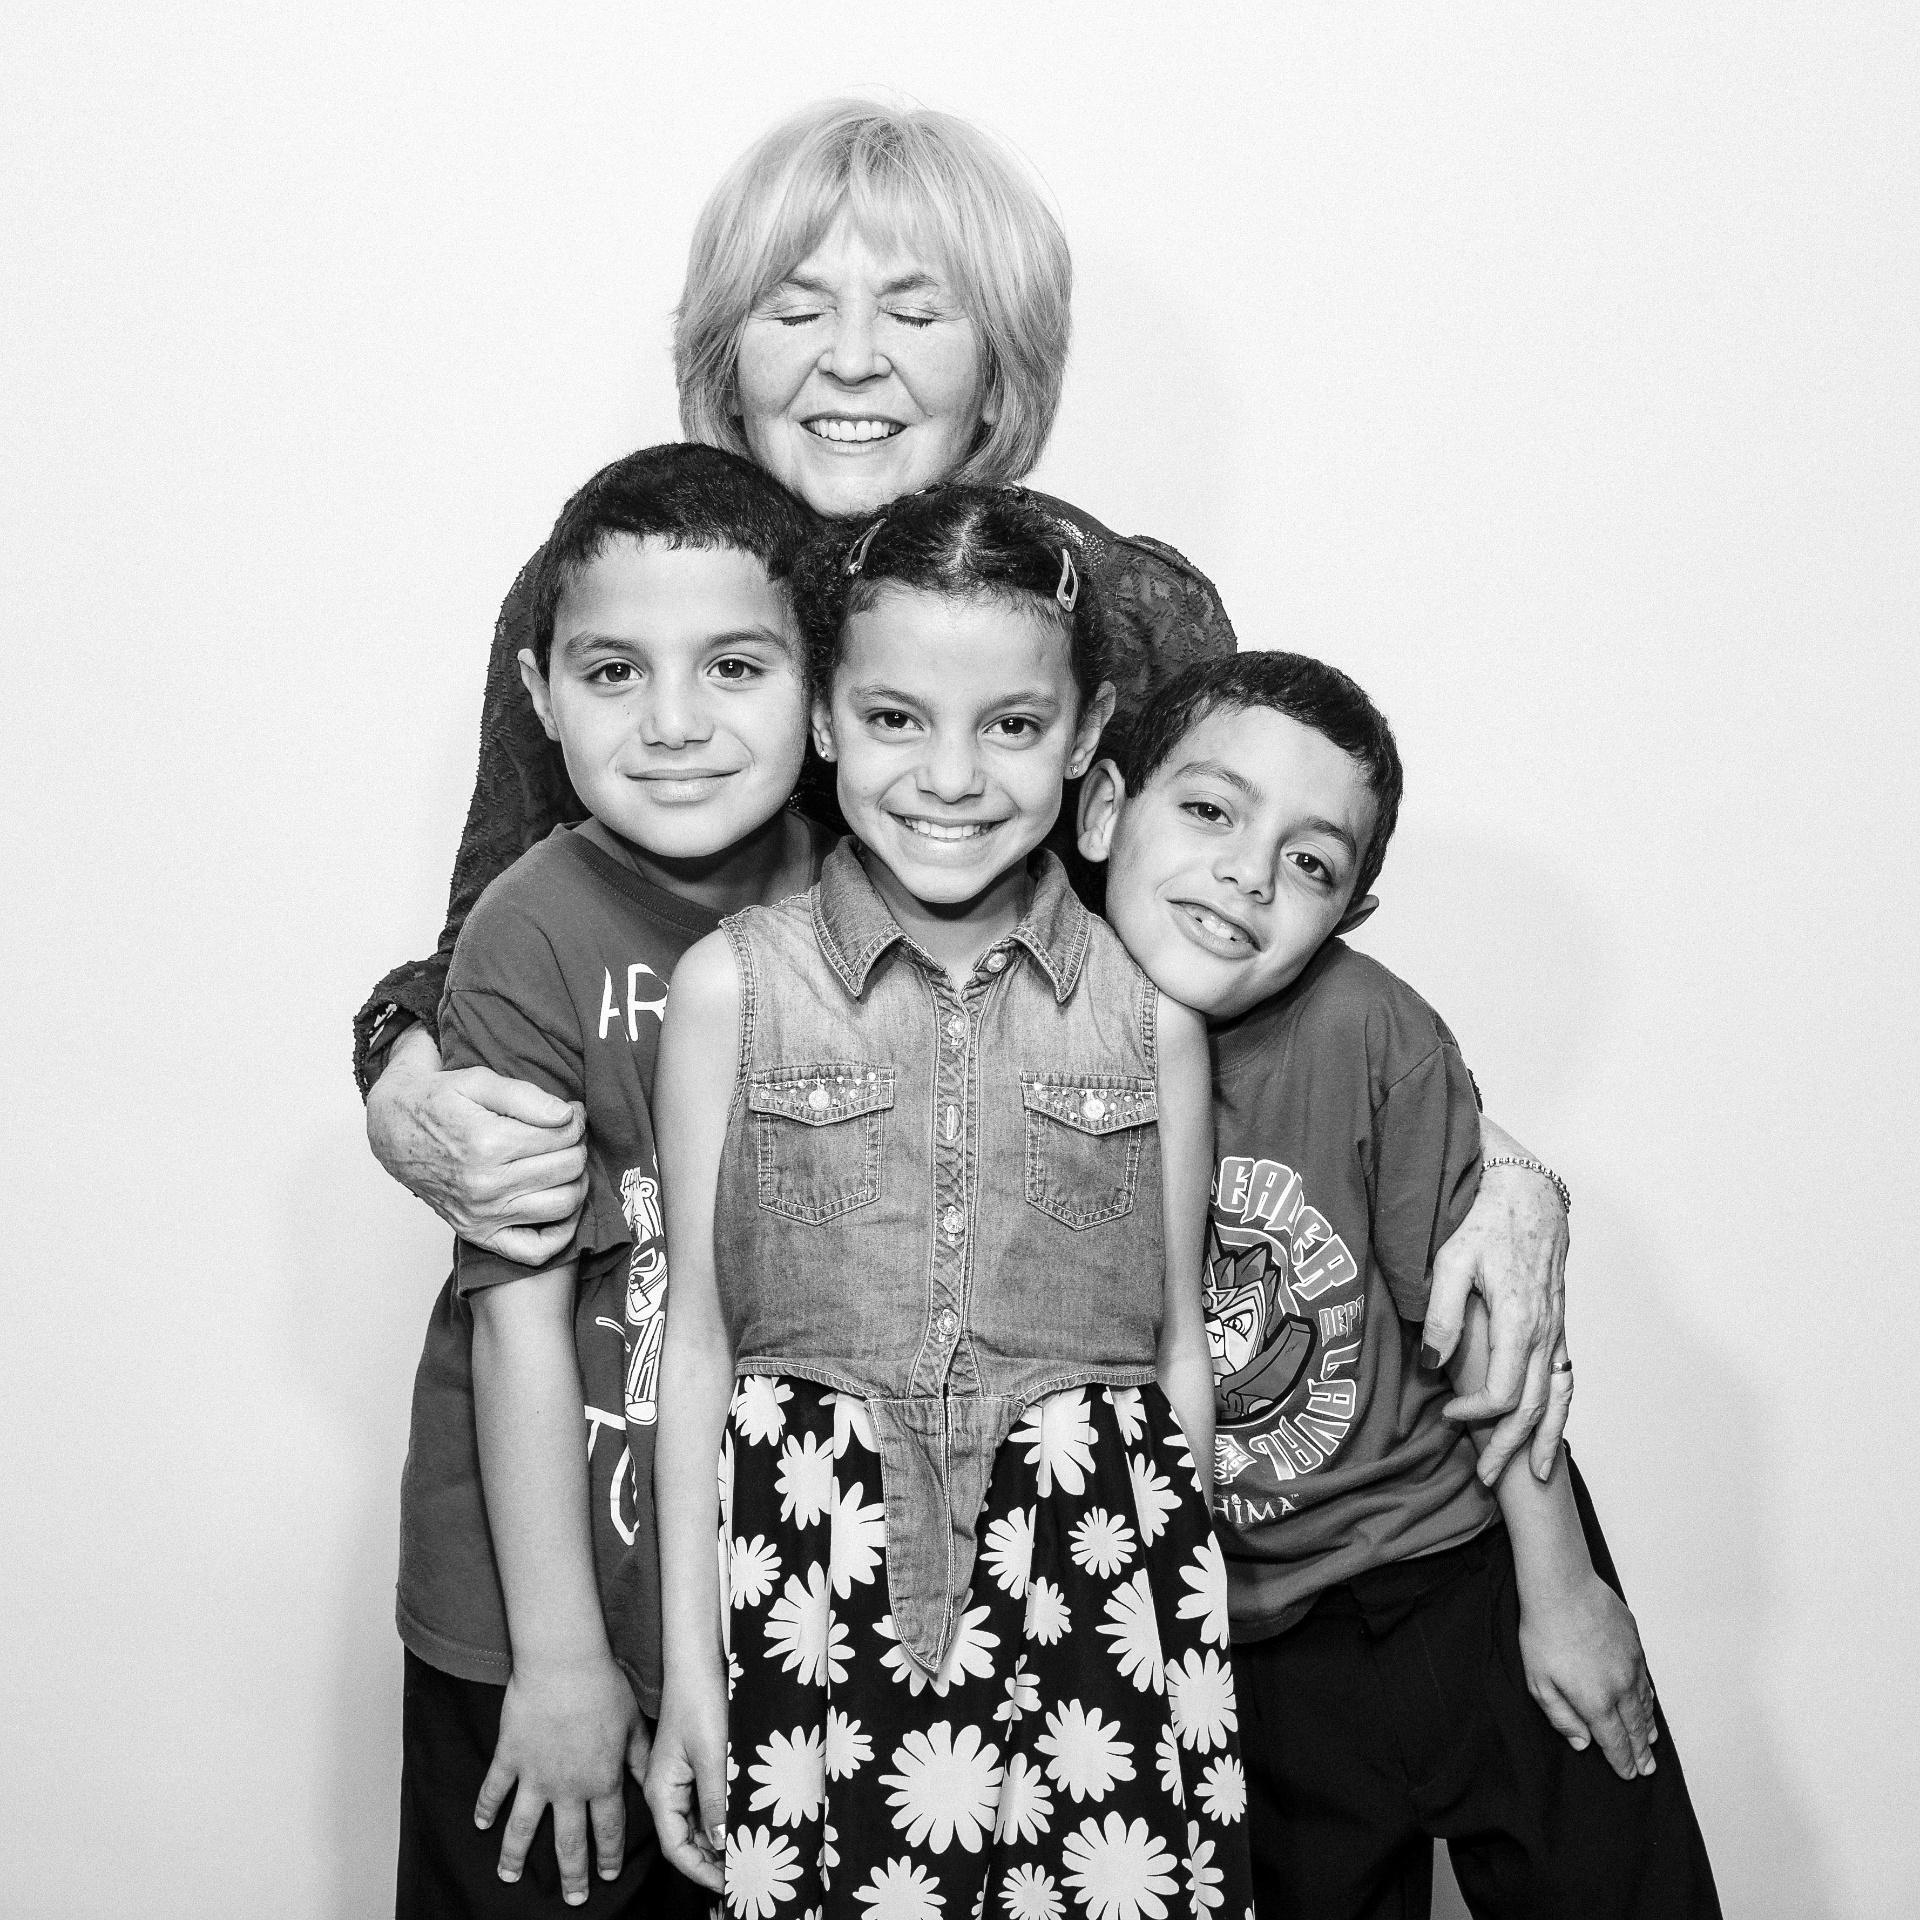 21.mai.2016 - A patrocinadora canadense Carole Atkins com Majid, Zahiya e Moutayam Ahmed, cuja família passou anos em um campo de refugiados no Líbano